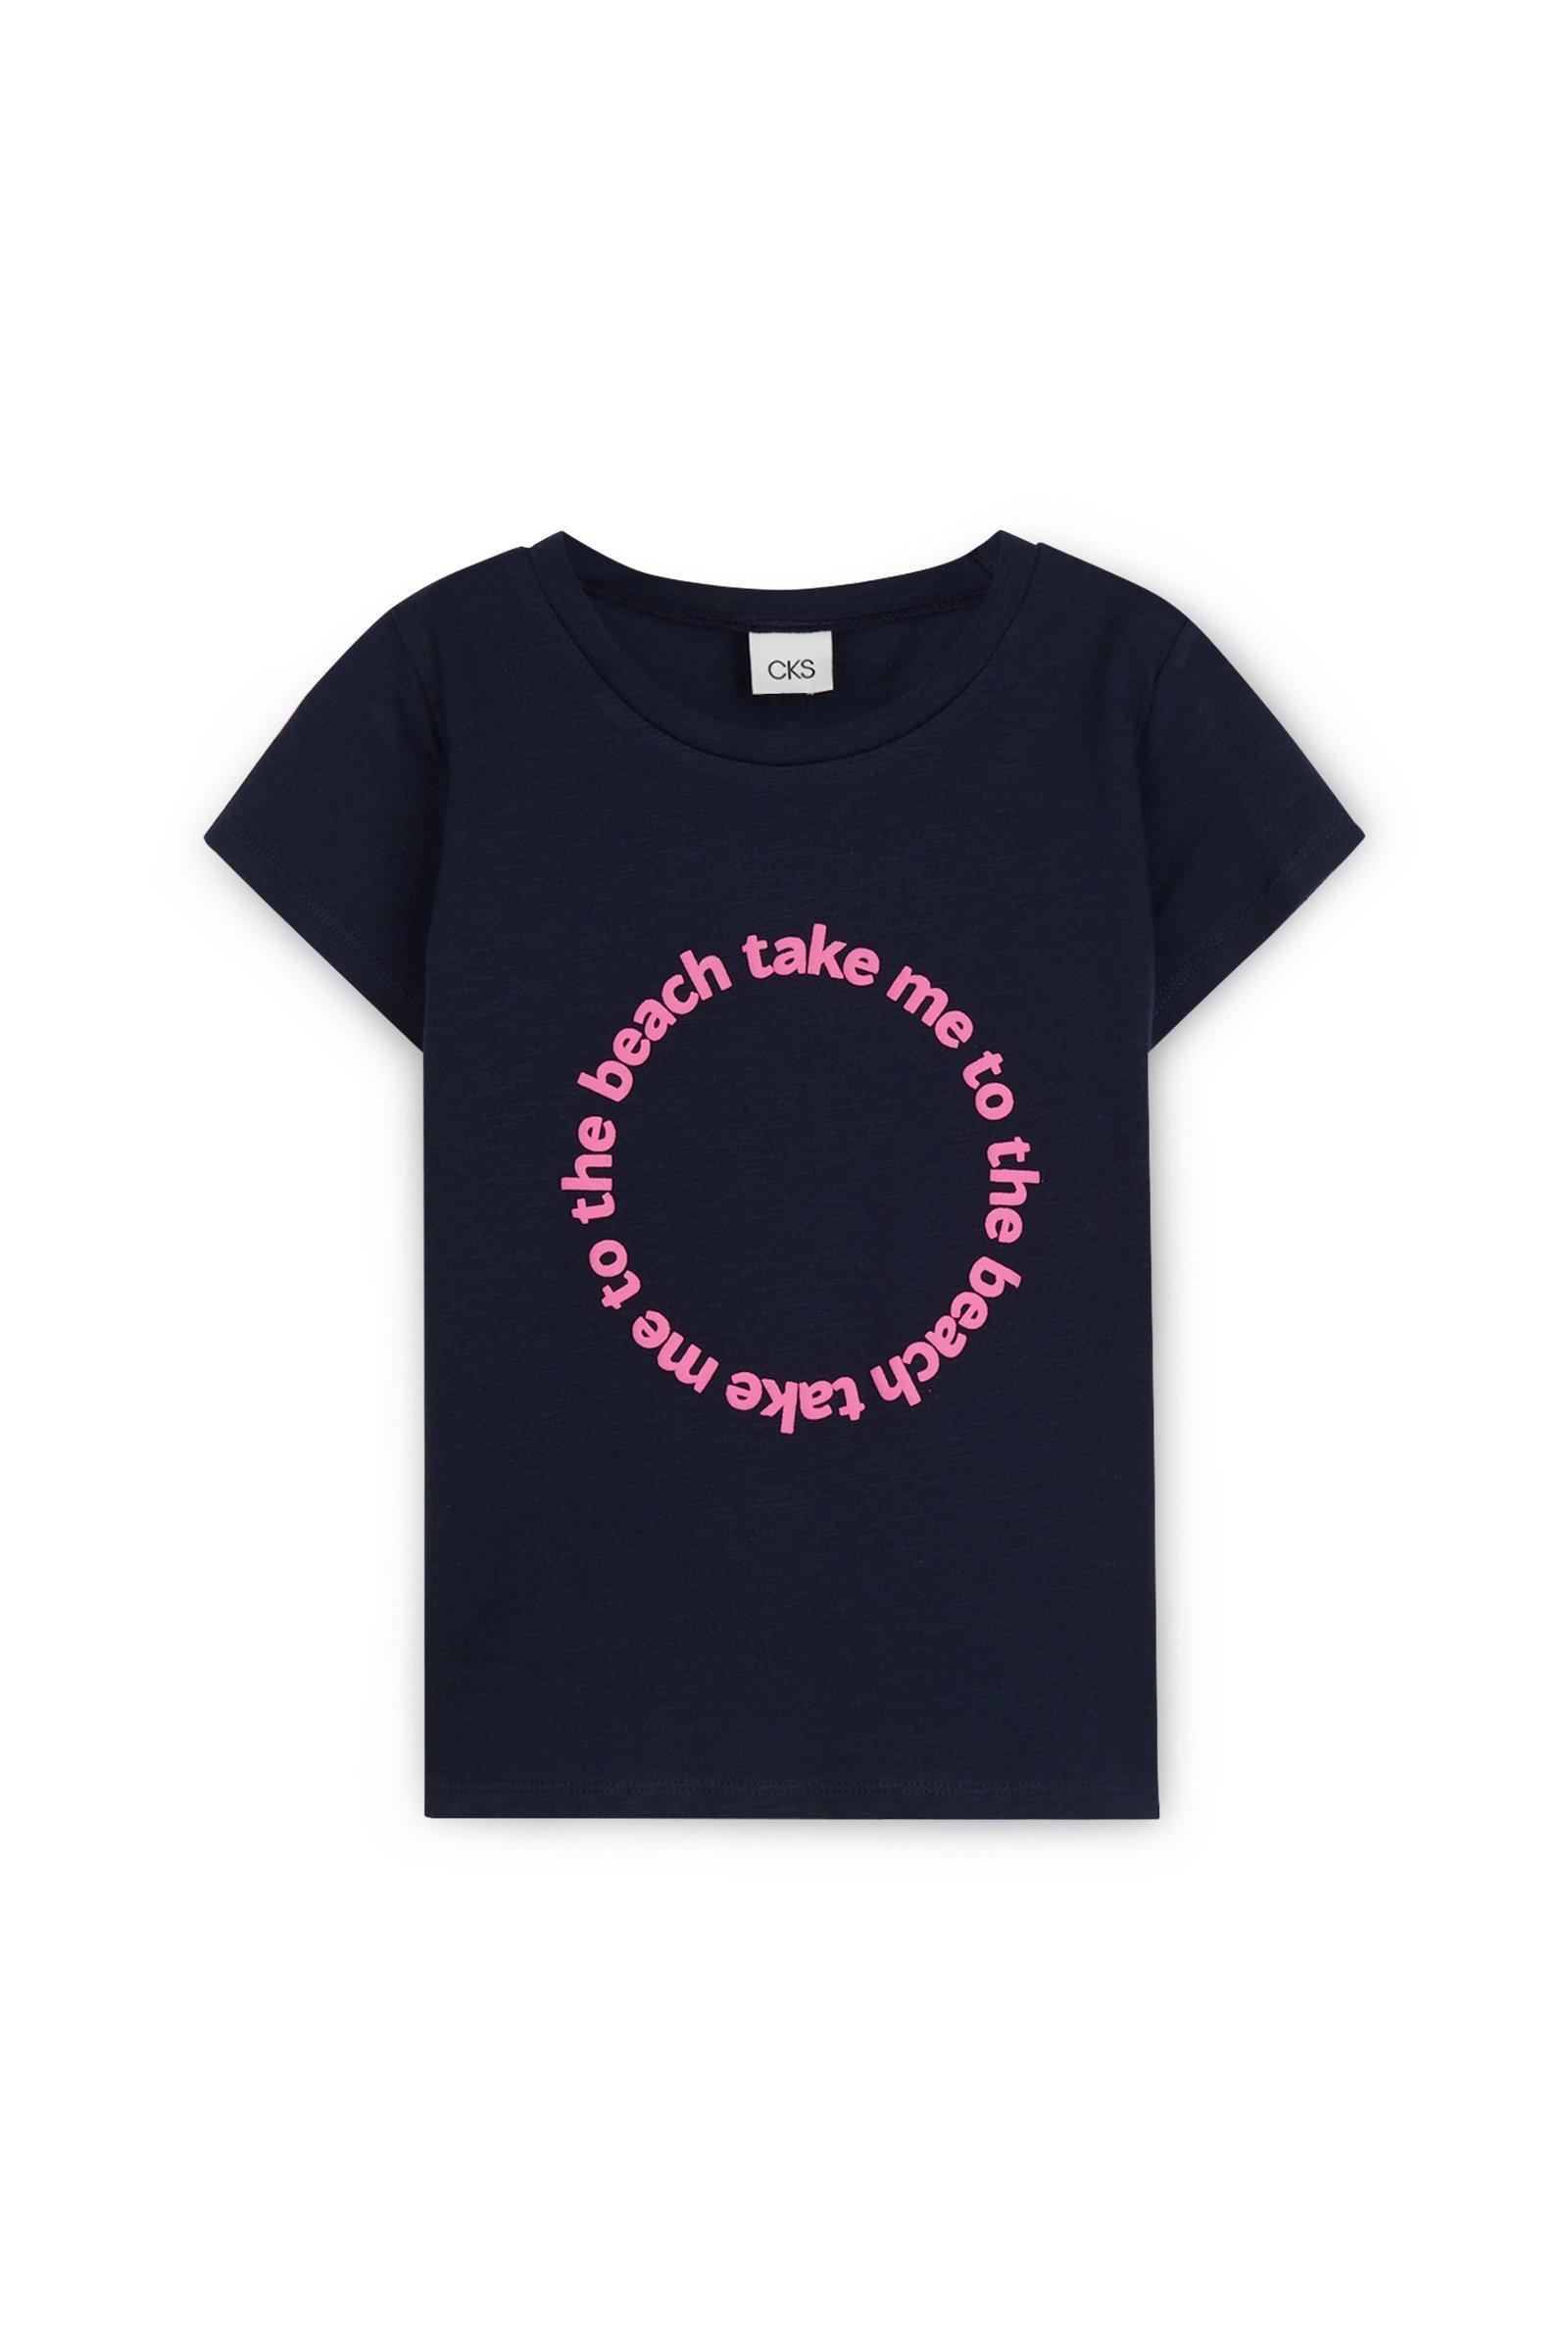 CKS Kids - WINK - t-shirt korte mouwen - donkerblauw